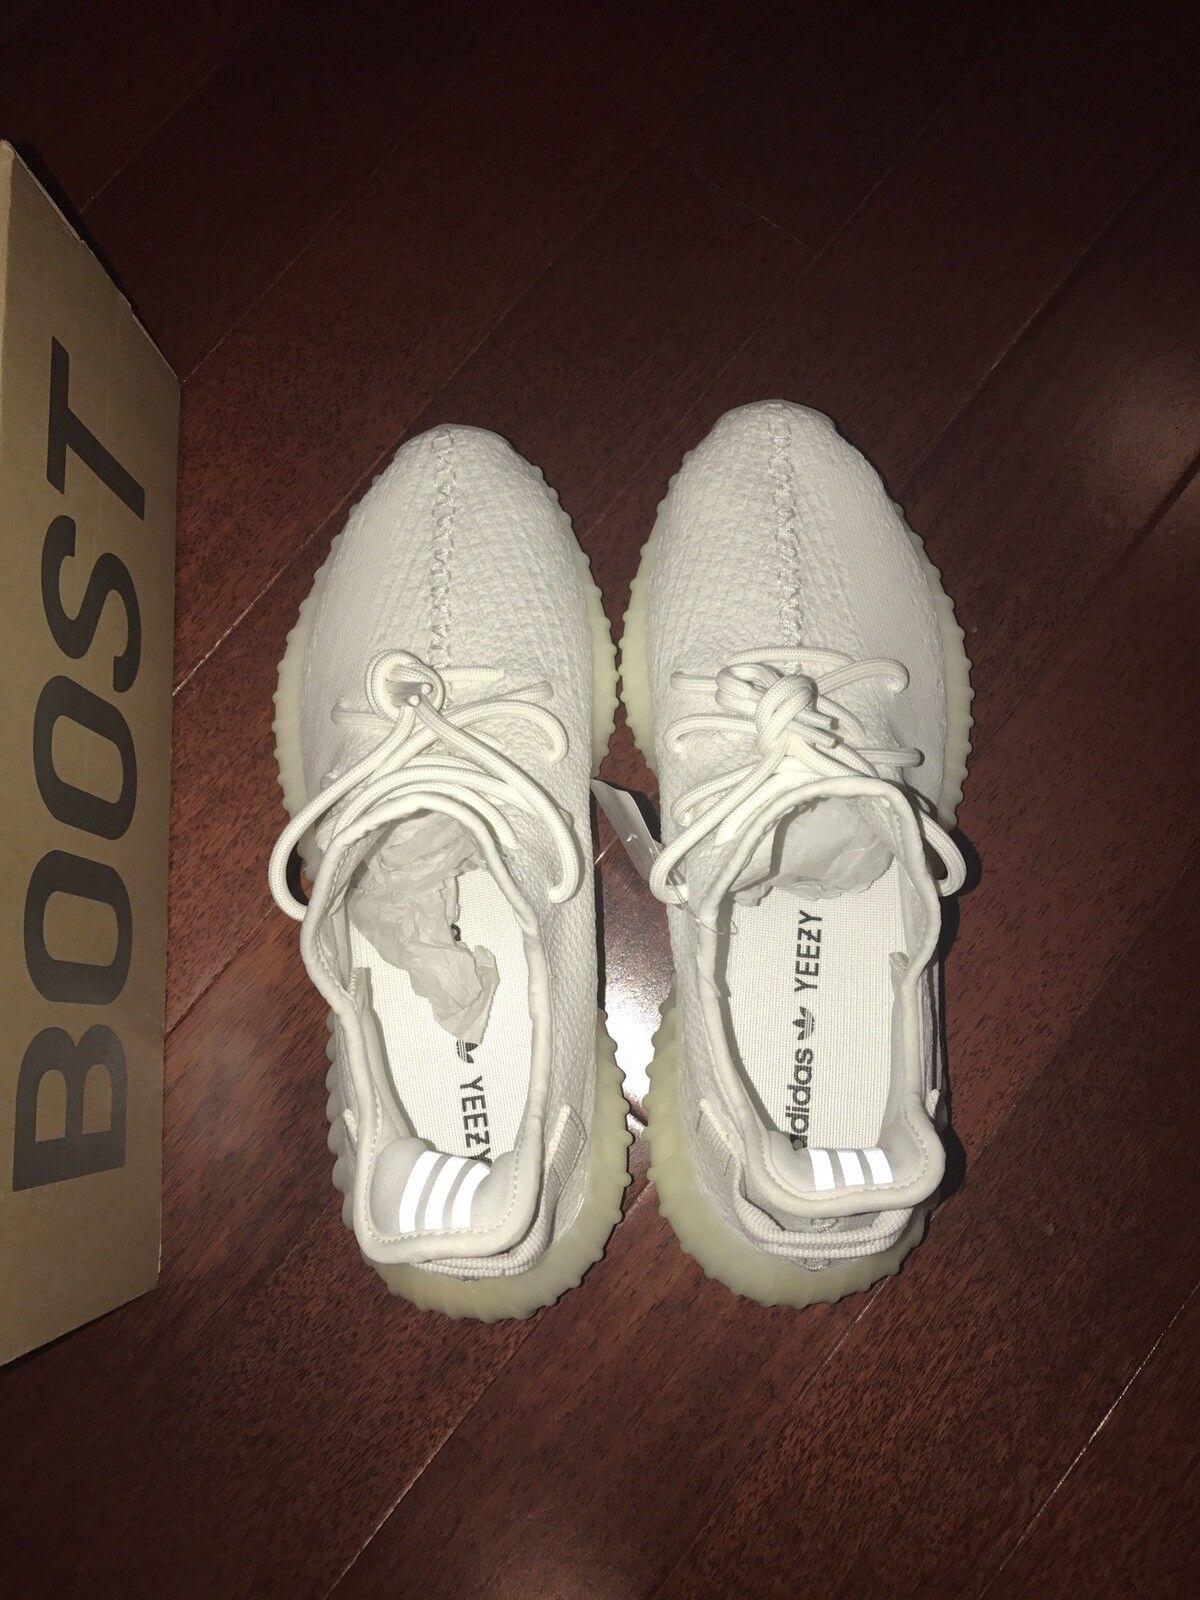 *DEADSTOCK* Yeezy Boost 350 v2 - Cream White - Size 9.5